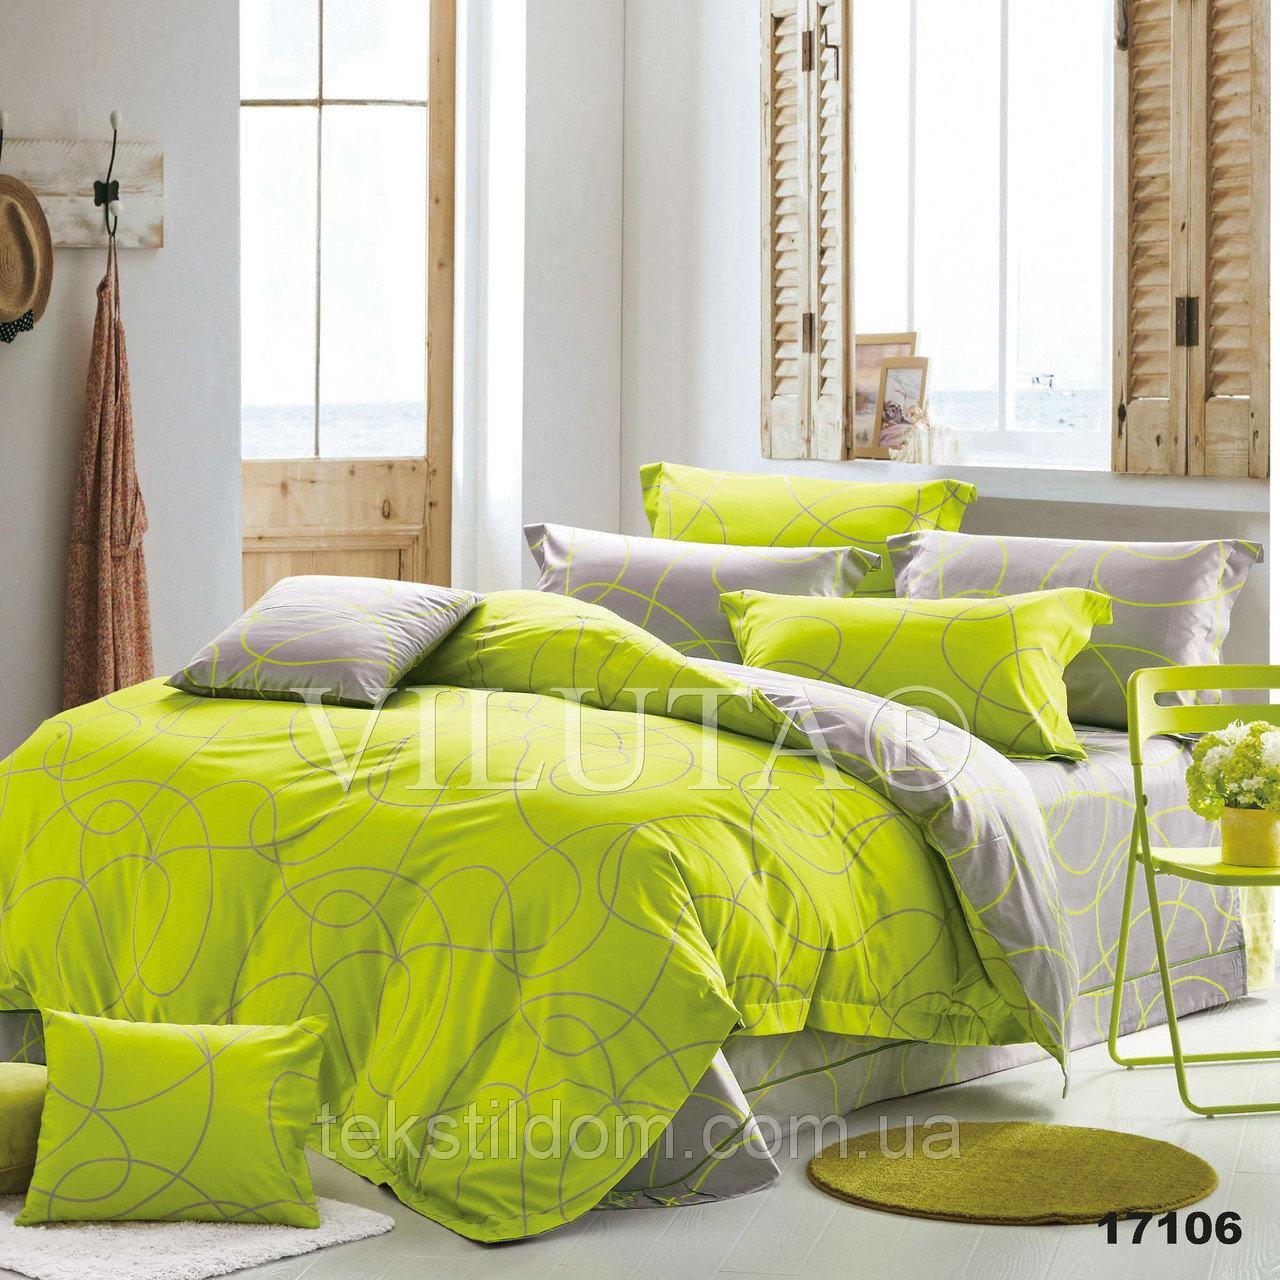 17106 Евро постельное белье ранфорс Viluta